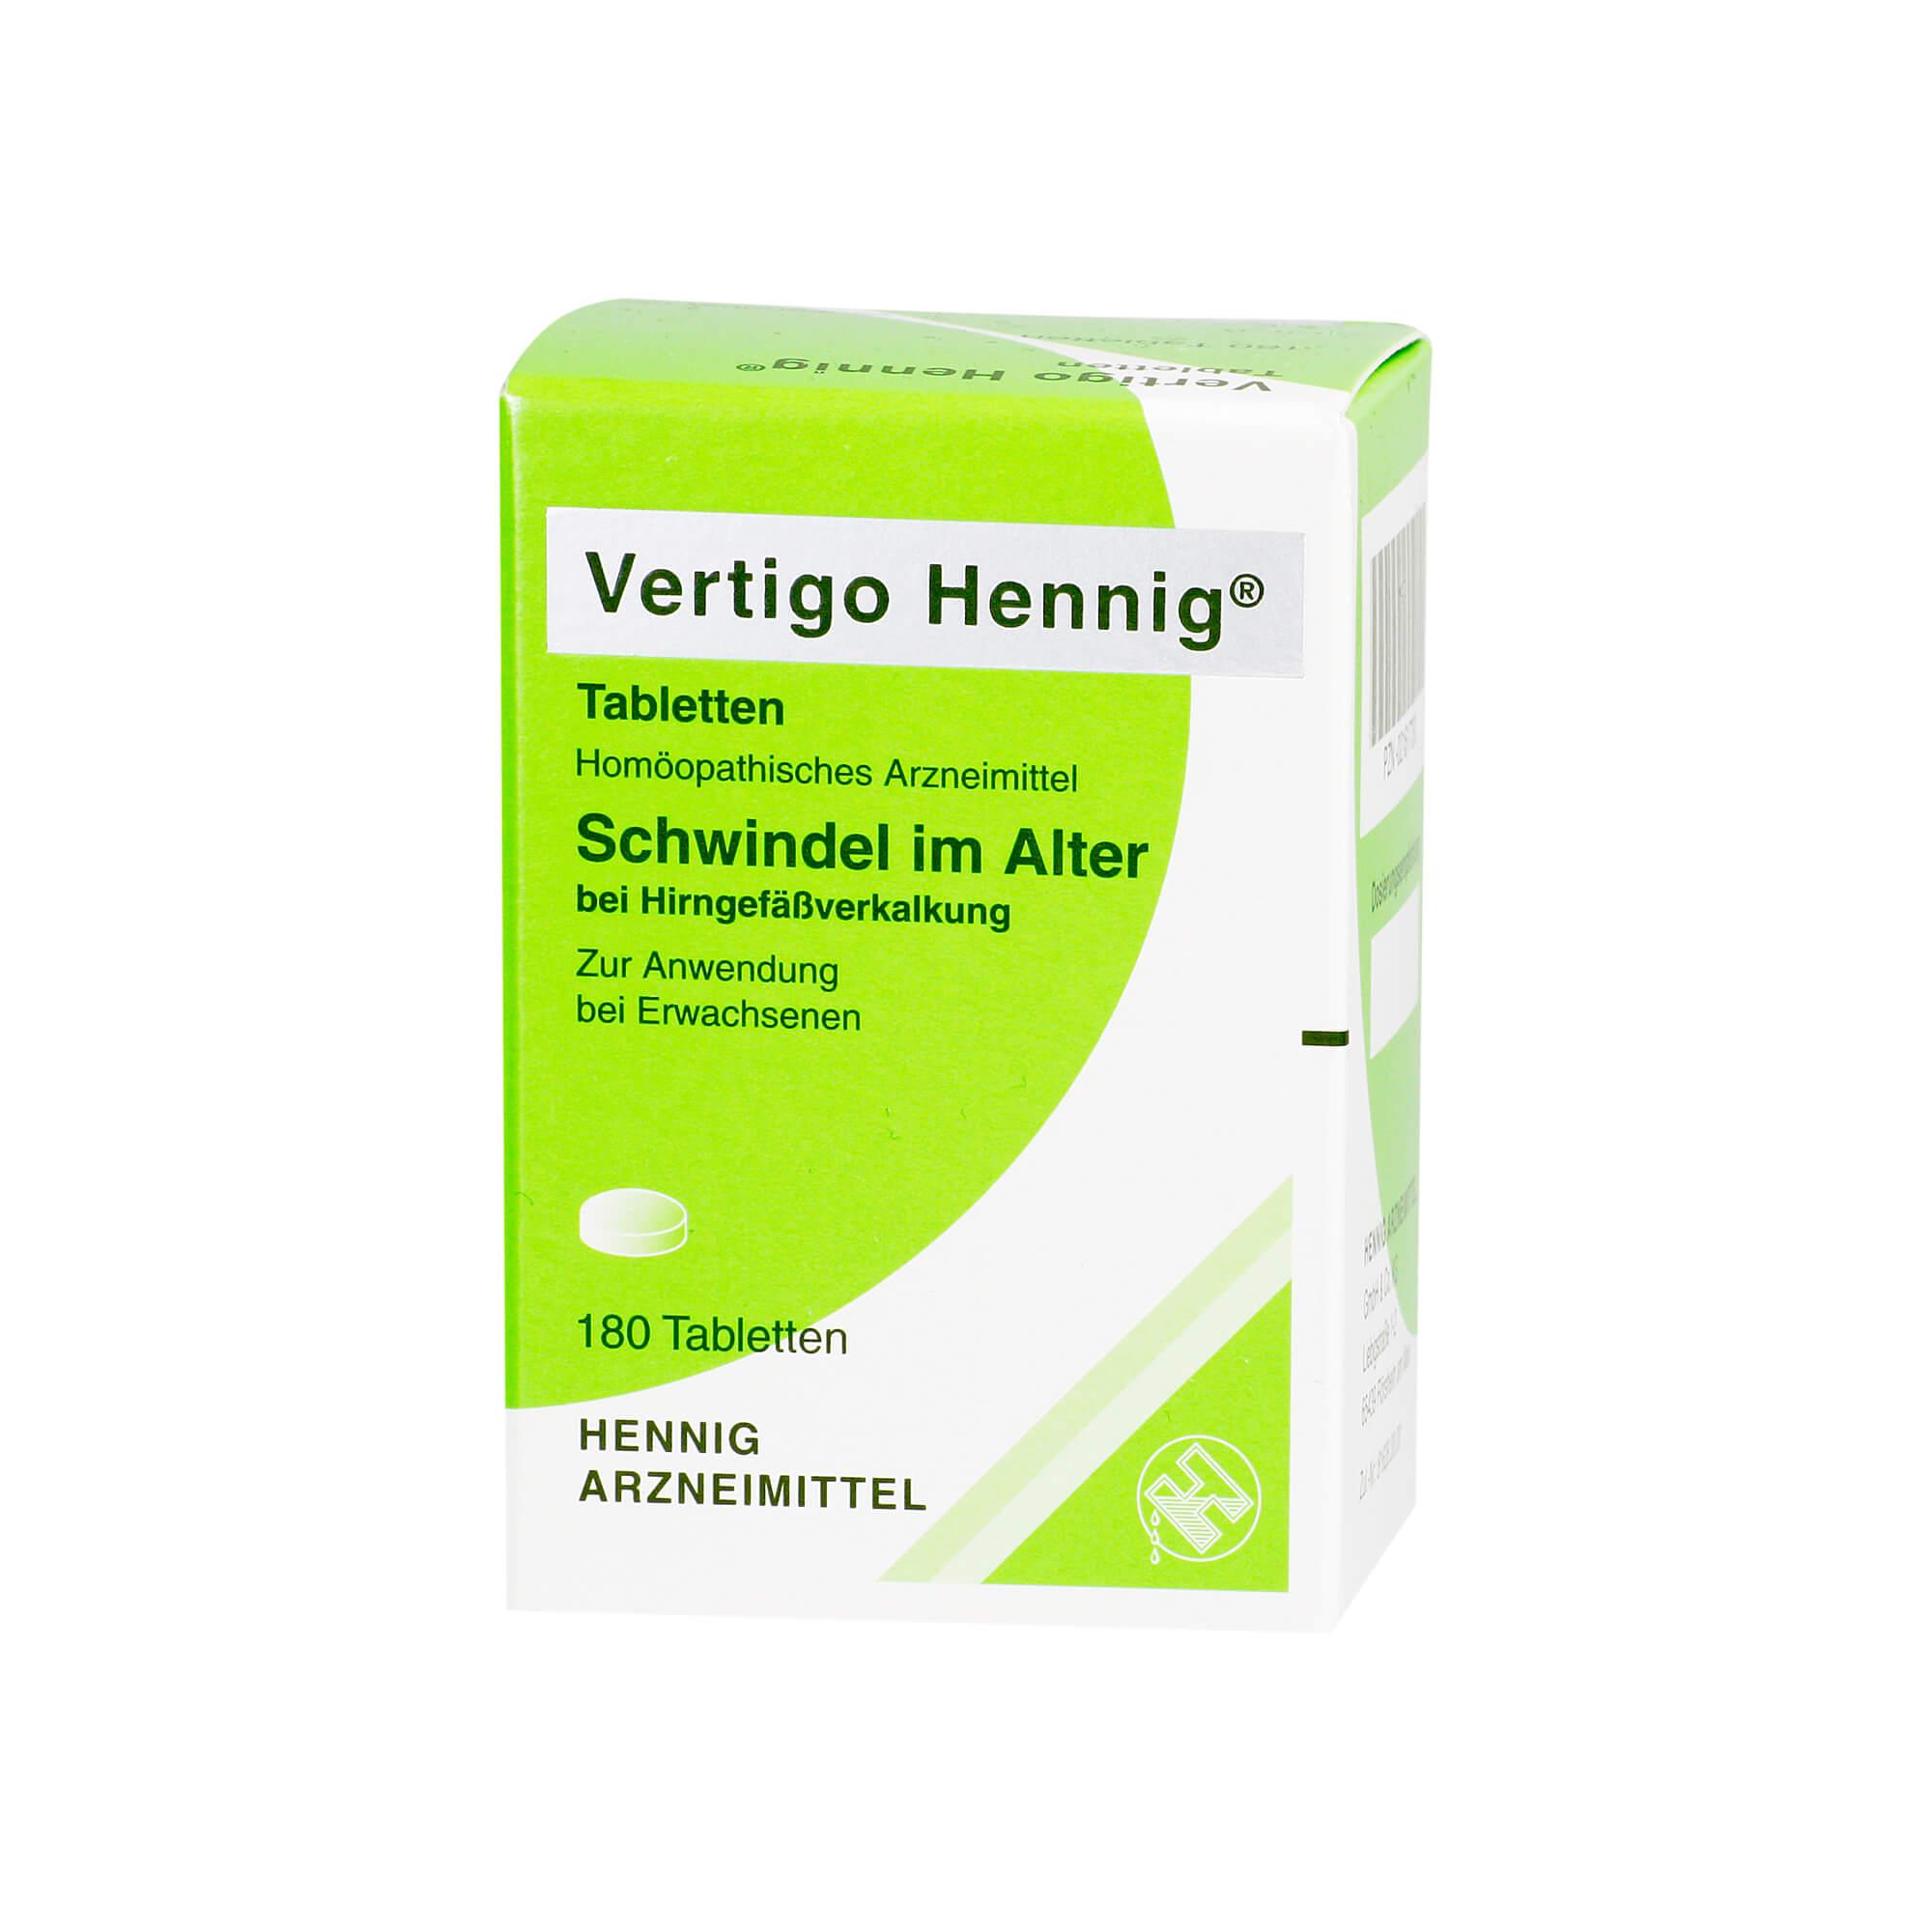 Vertigo Hennig